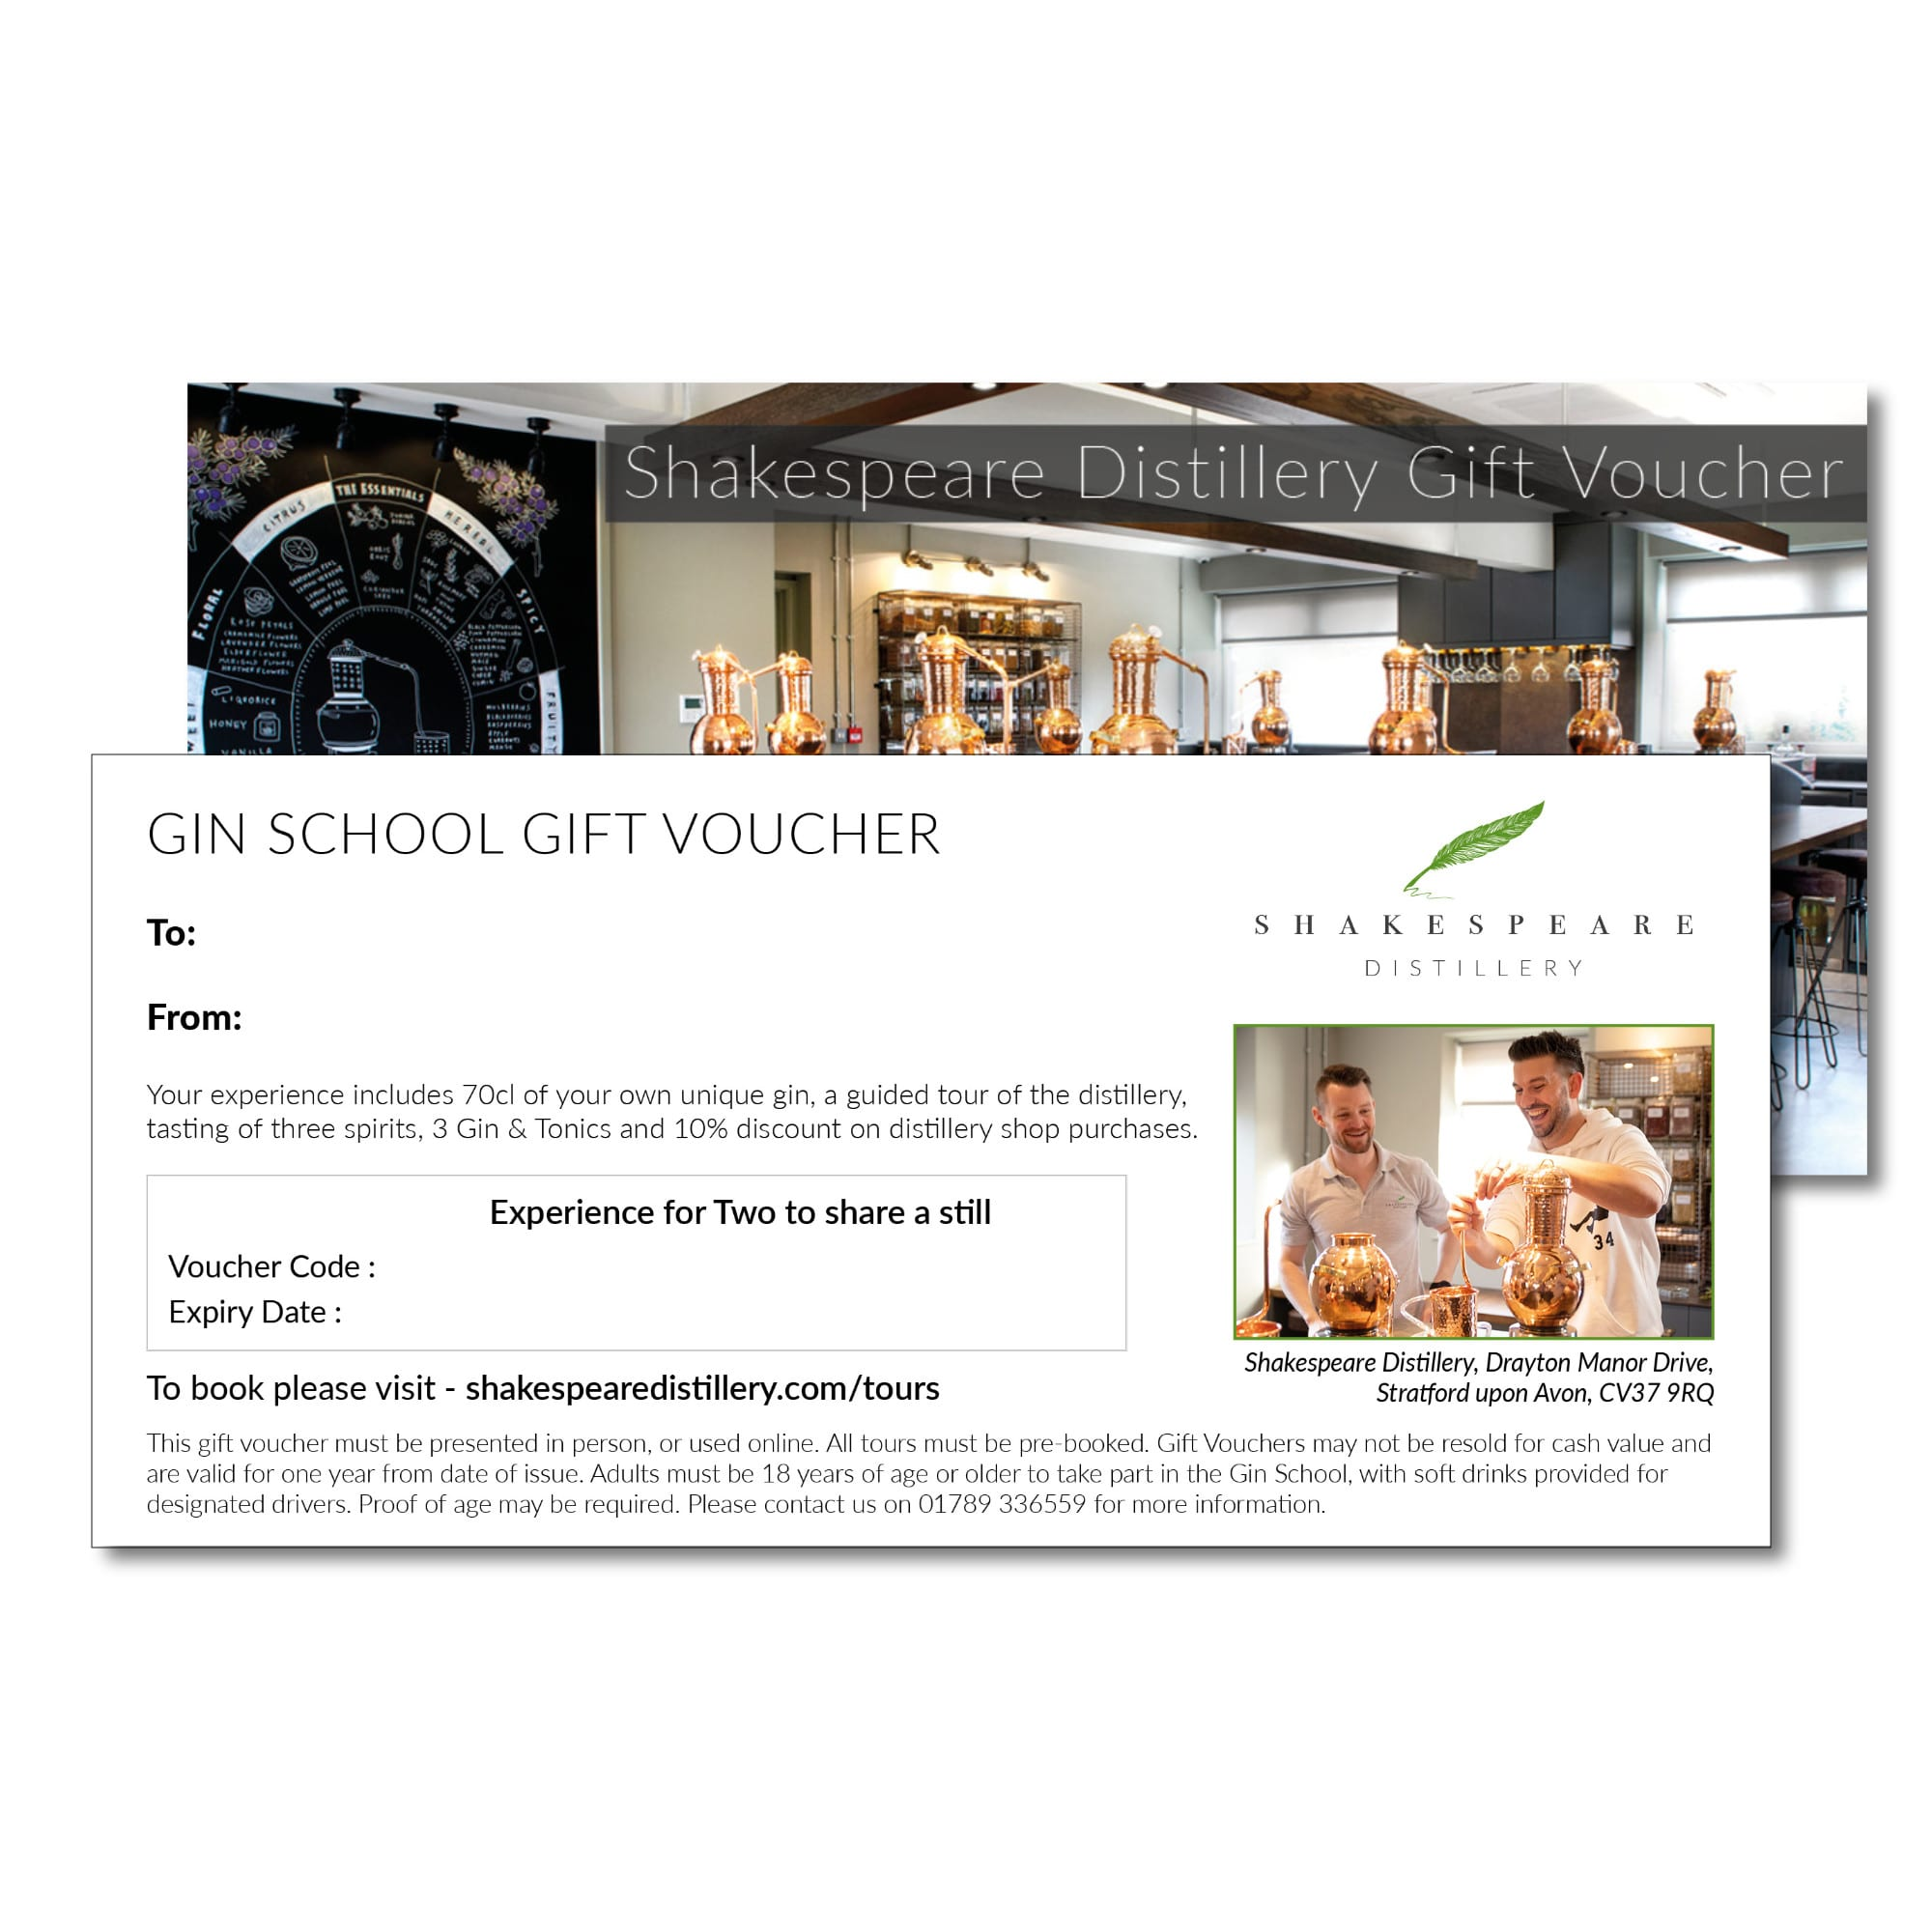 Gin School Gift Voucher